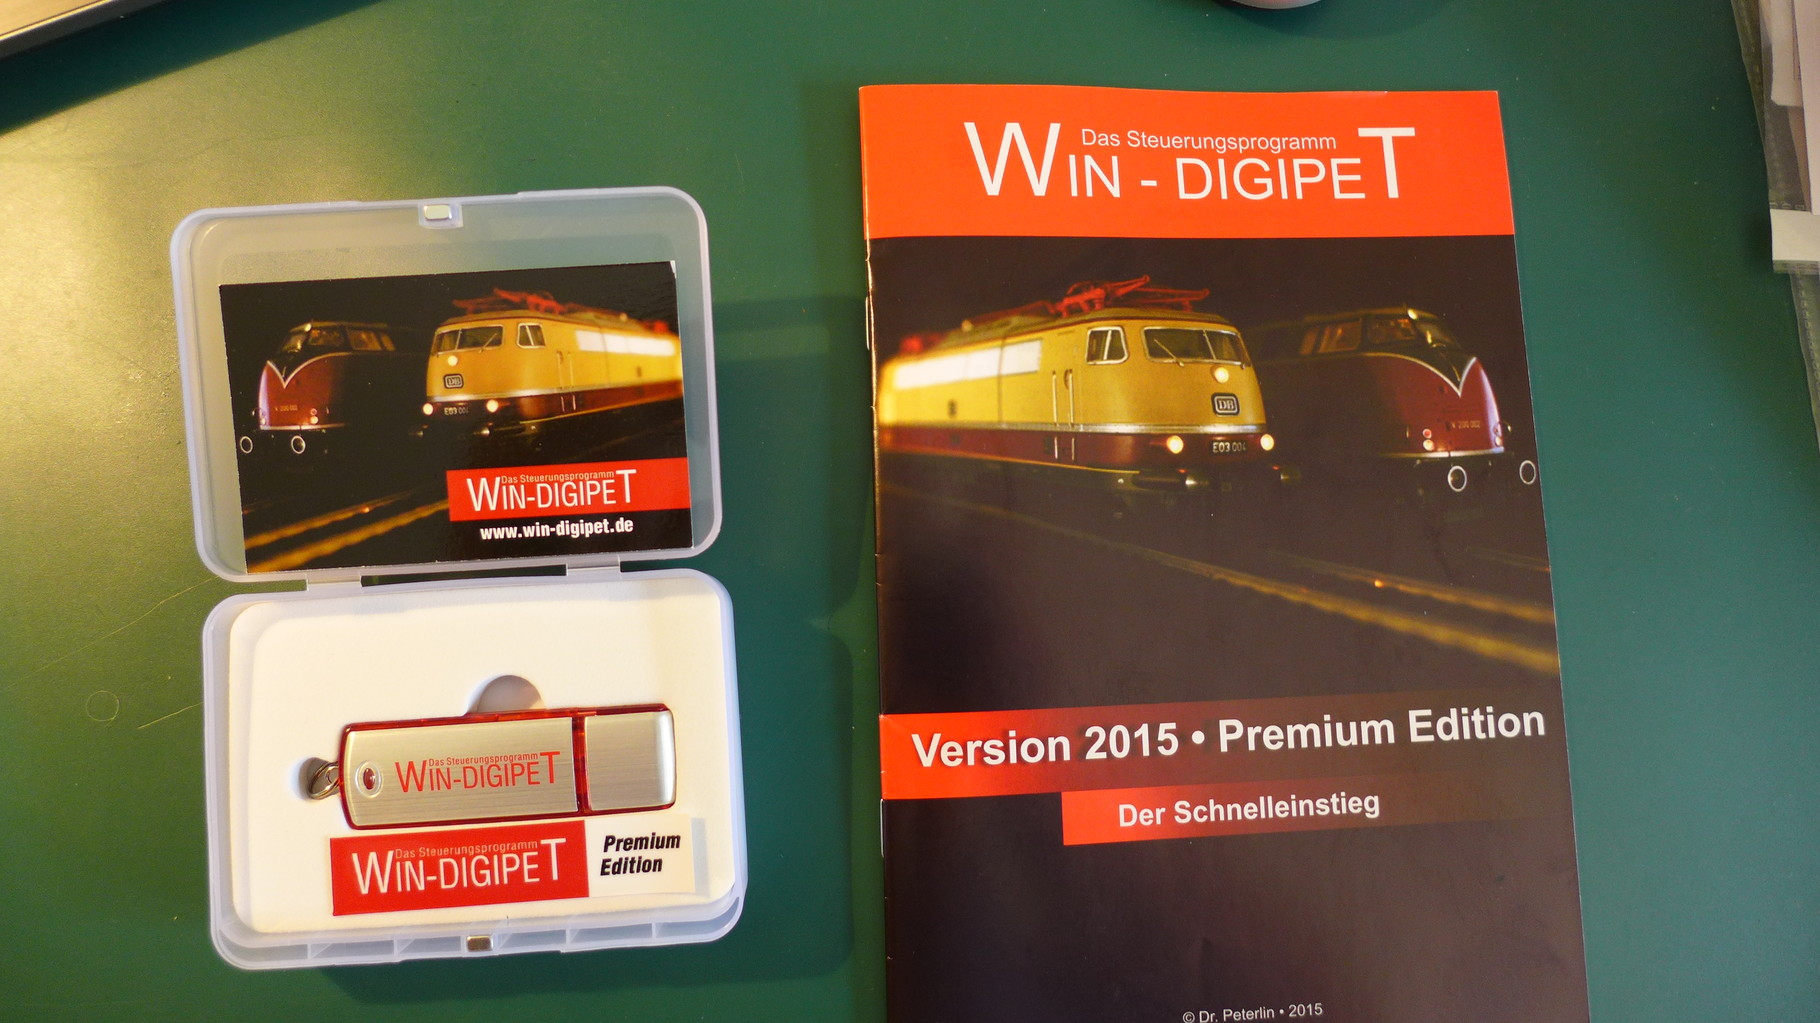 Das Win-Digipet-Programm wird erstmalig auf einem Stick geliefert